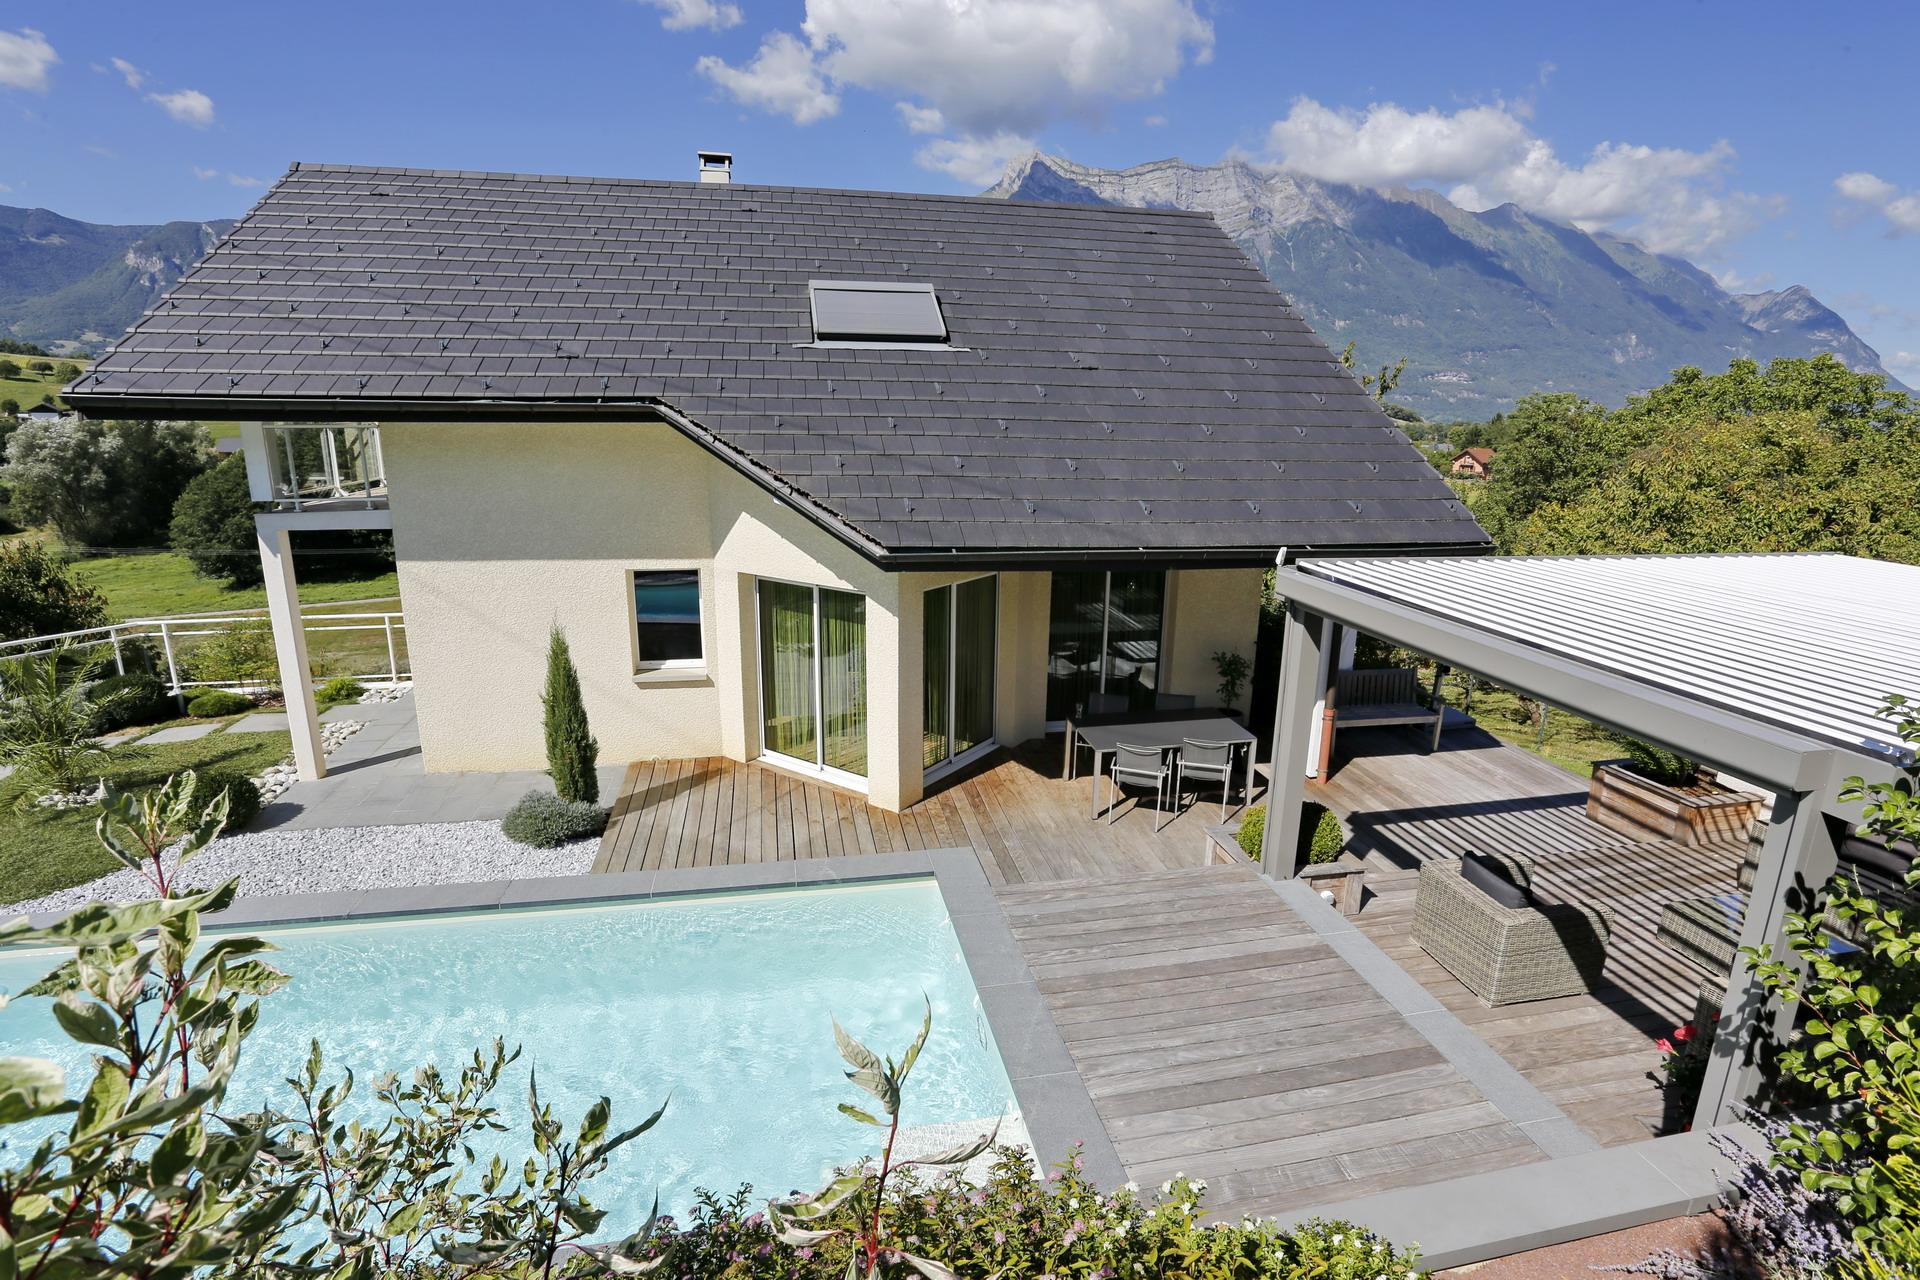 Constructeur maison cube haute savoie ventana blog - Maisons optimales ...